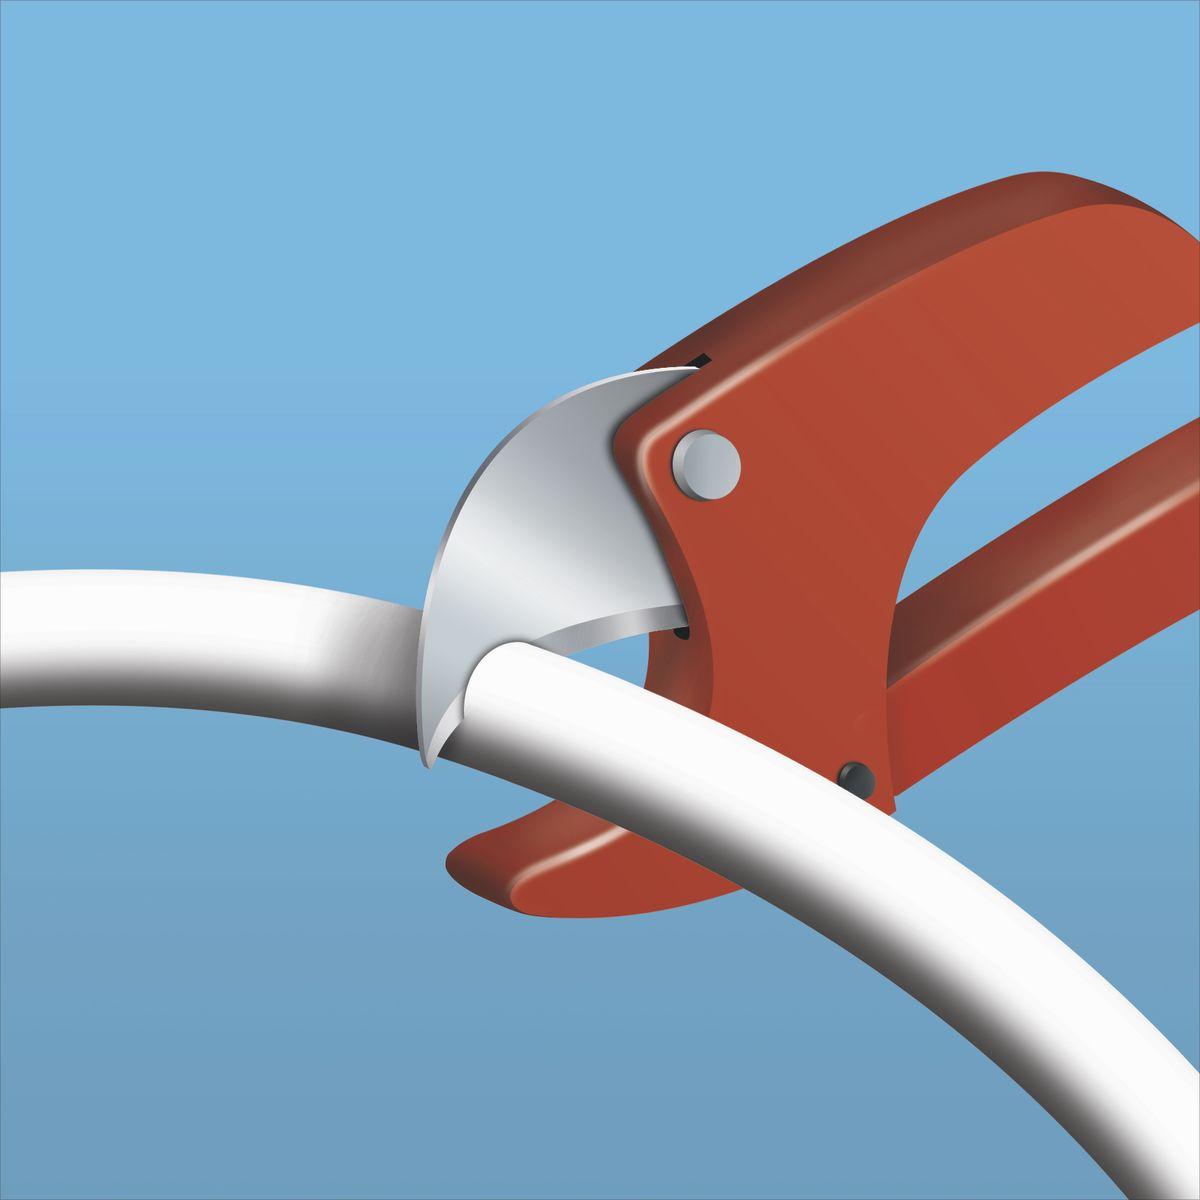 Come installare un impianto con tubi di riscaldamento a vista? Te lo ...